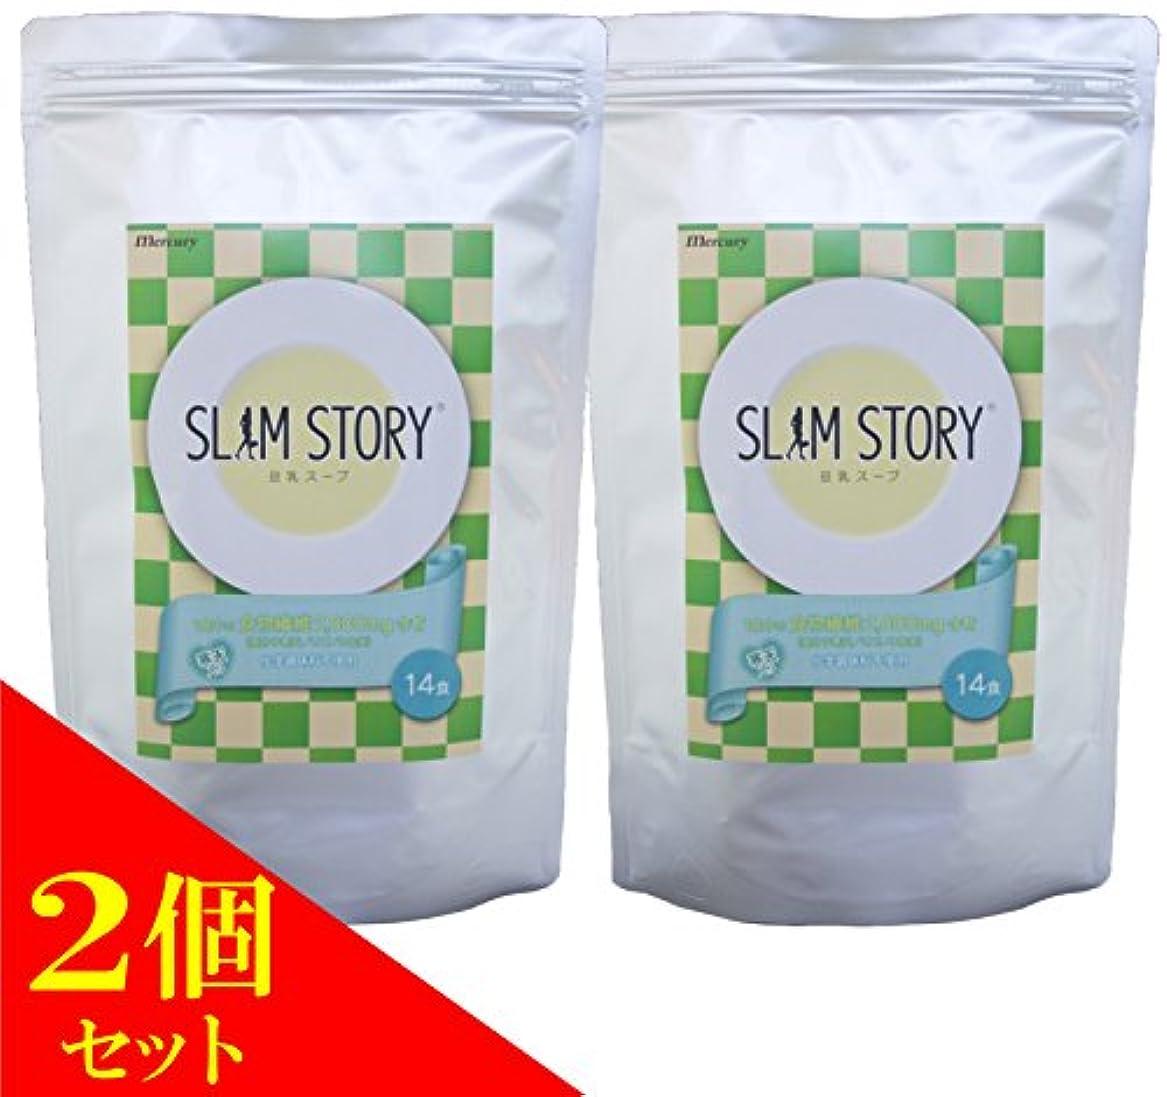 連結する本当にまっすぐにする(2個)マーキュリー SLIM STORY 豆乳スープ 14食×2個セット/化学調味料 不使用(4947041155176)